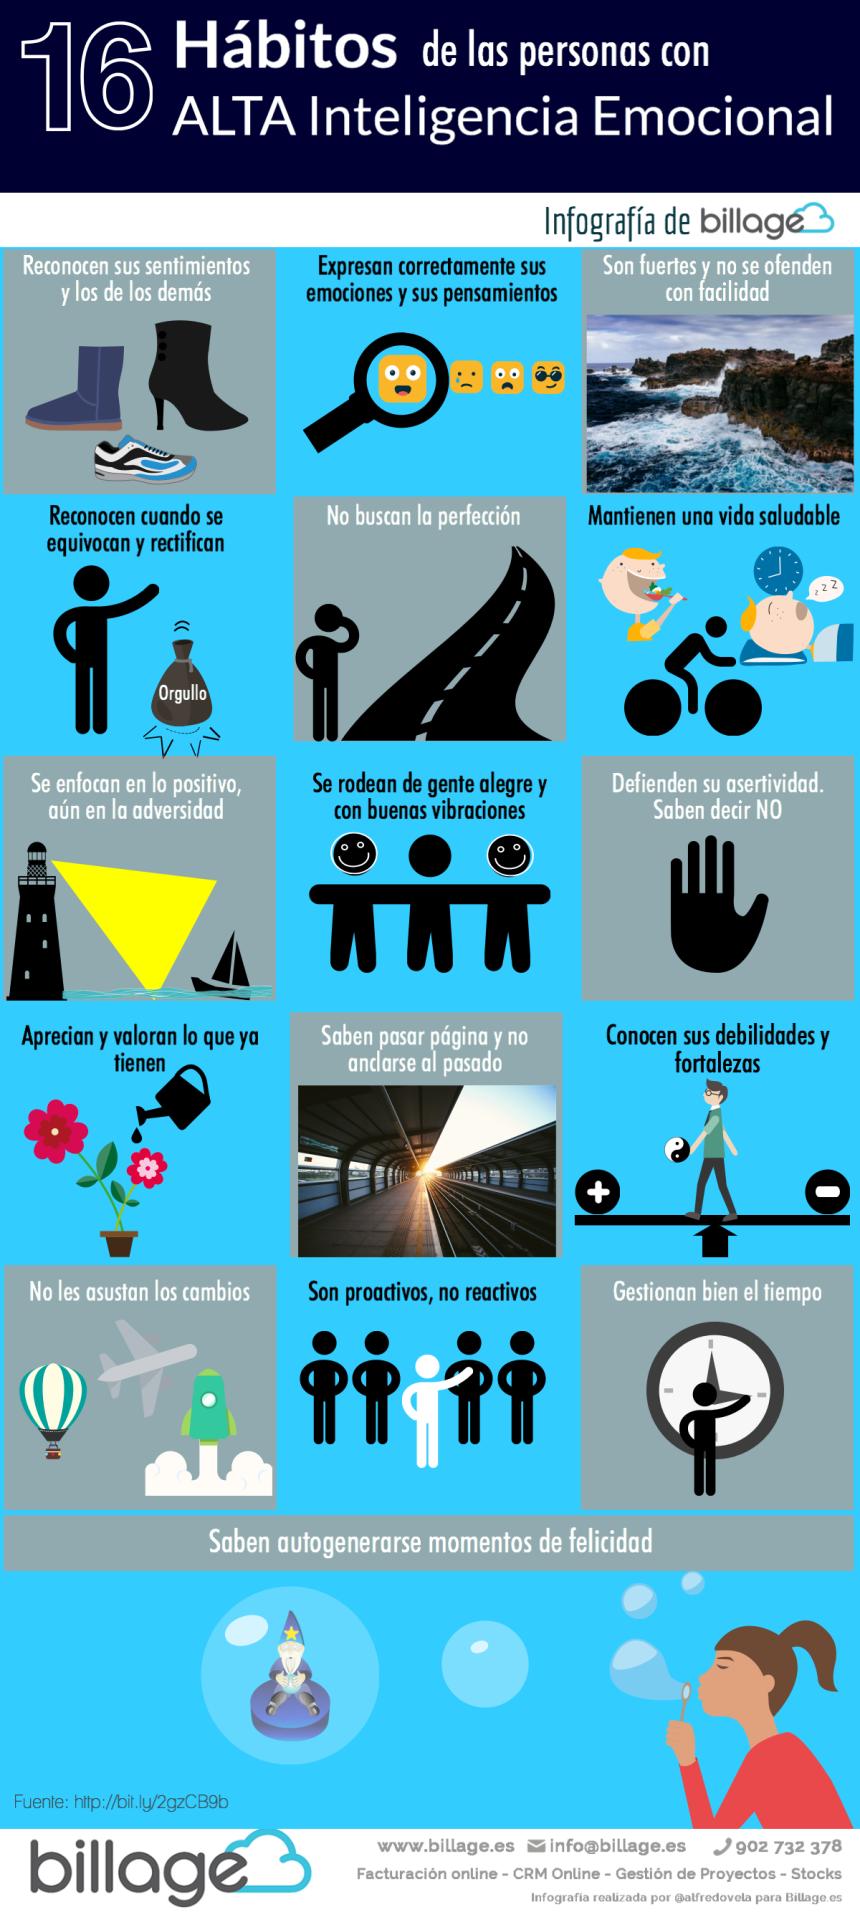 16 hábitos de las personas con alta Inteligencia Emocional